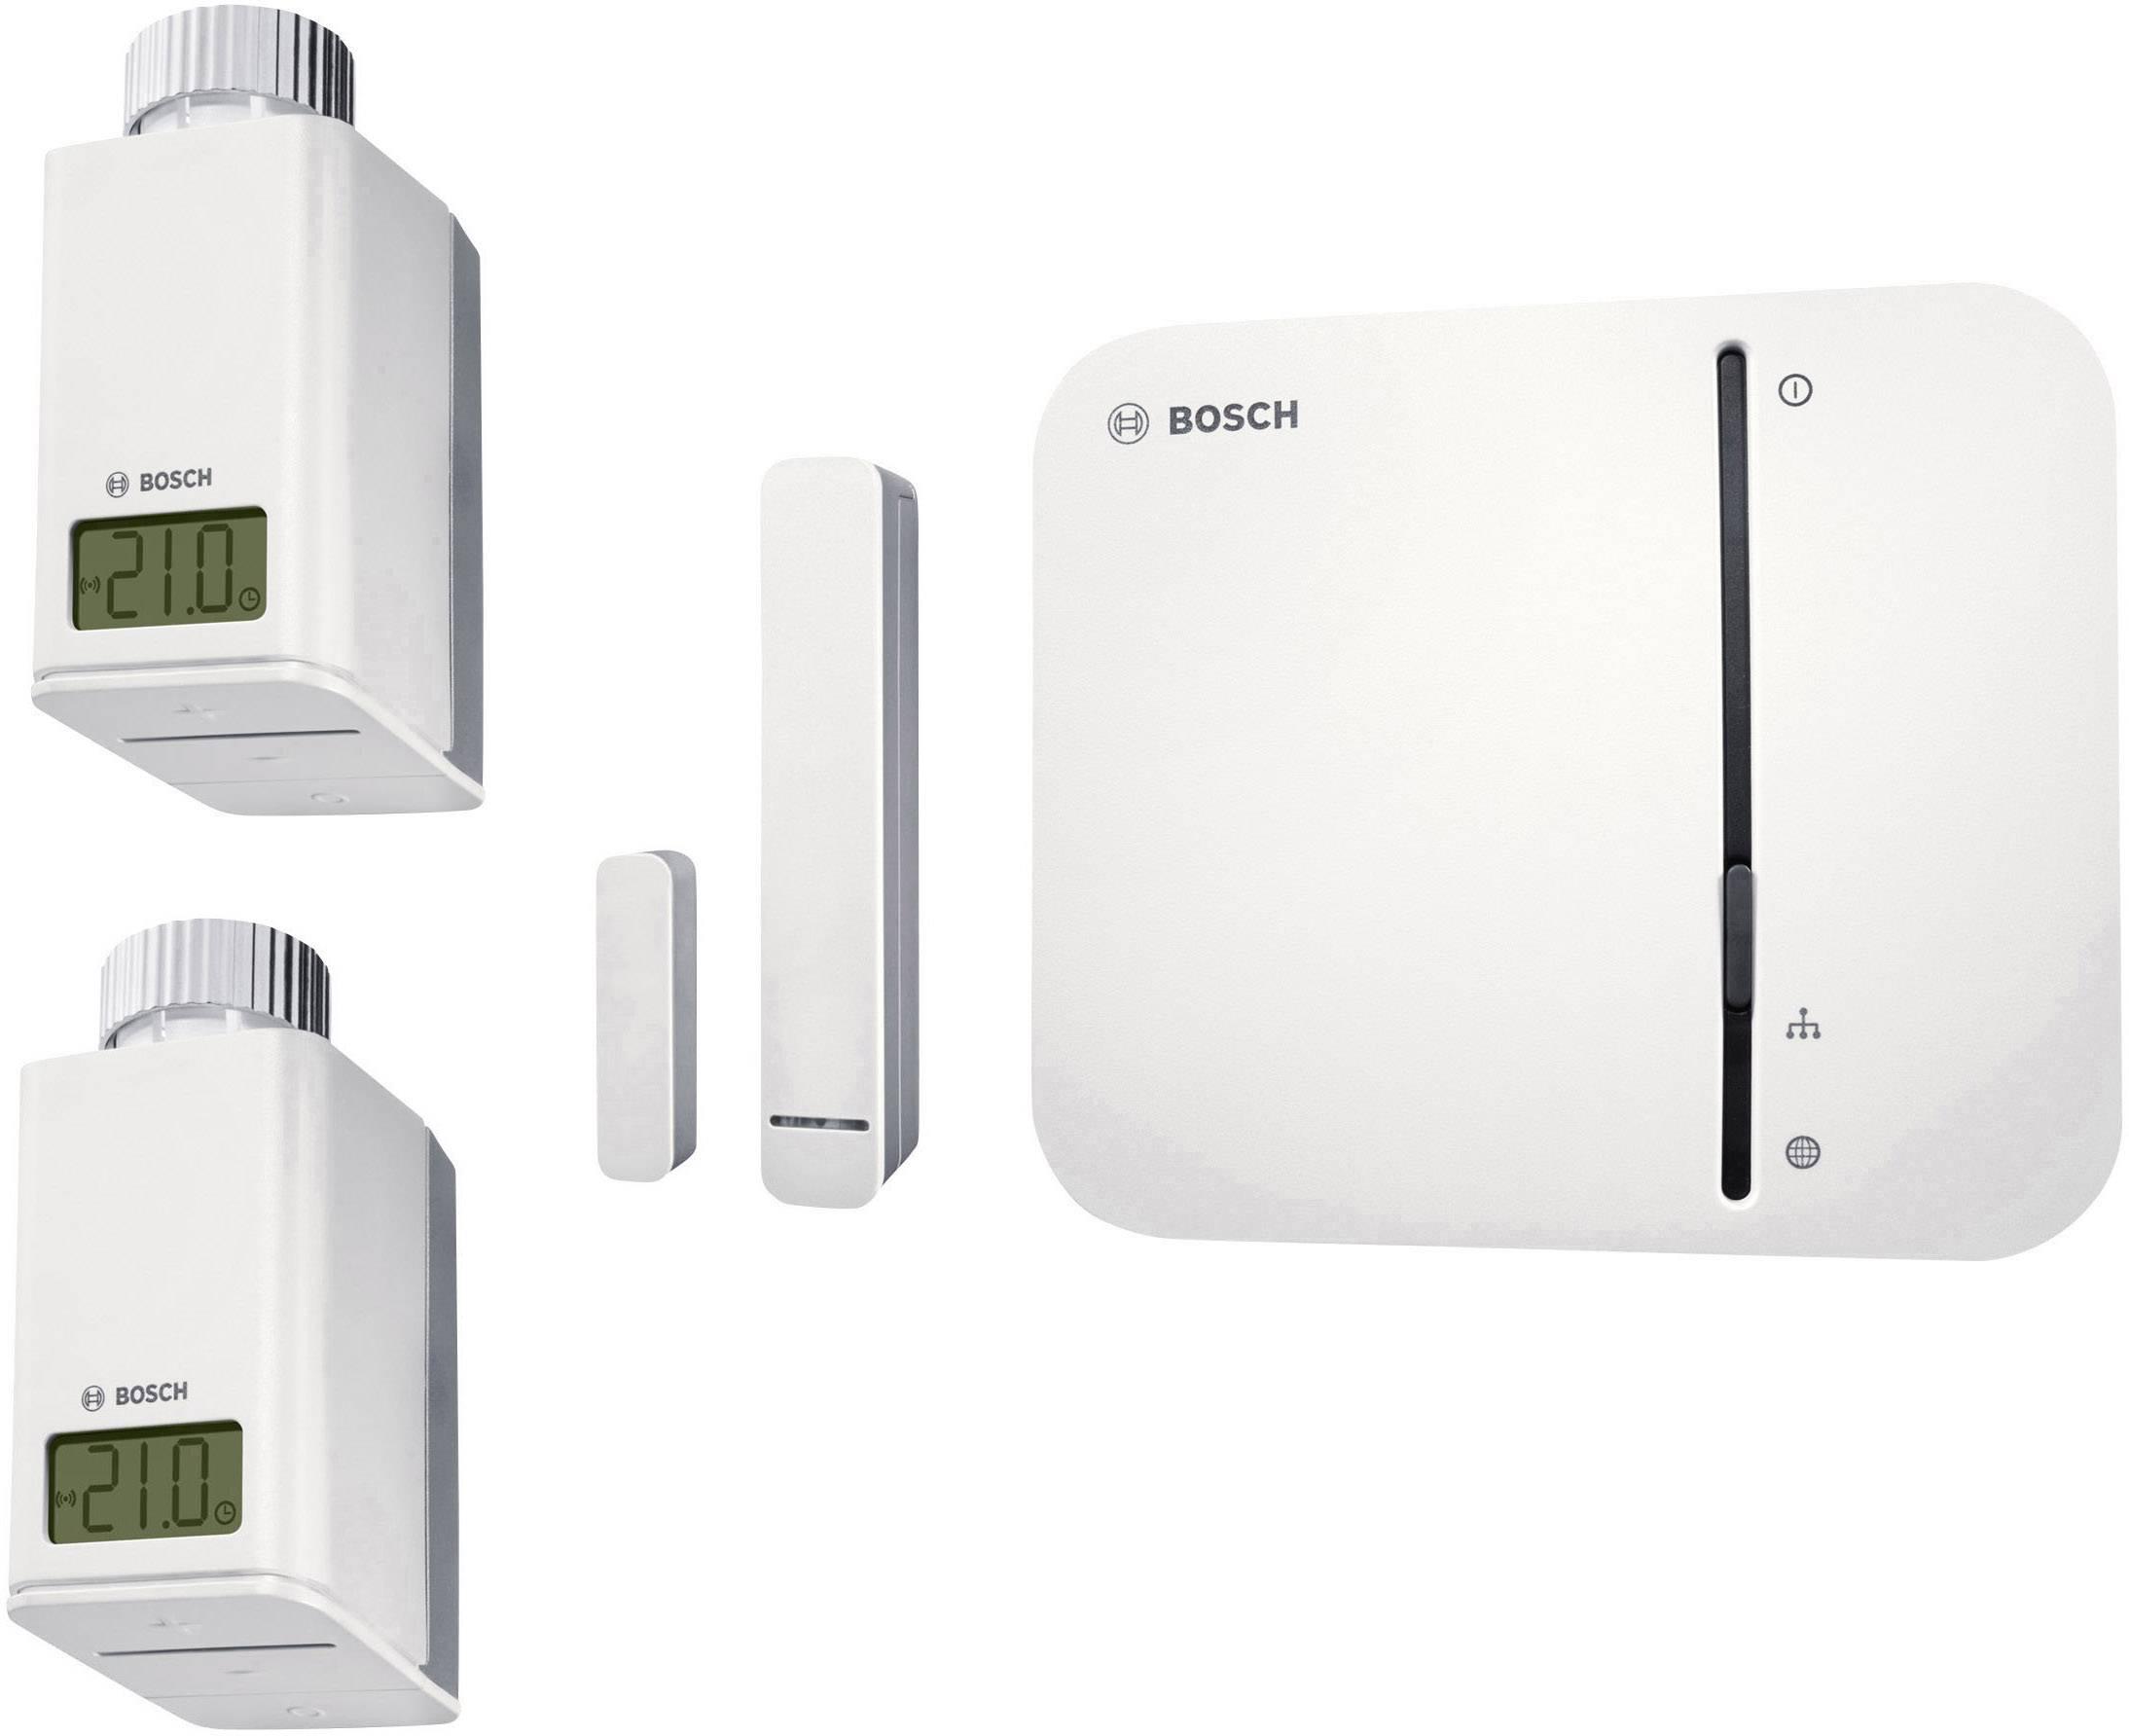 Bosch Kühlschrank Anzeige Blinkt : Juno spülmaschine blinkt mal juno spülmaschine blinkt mal